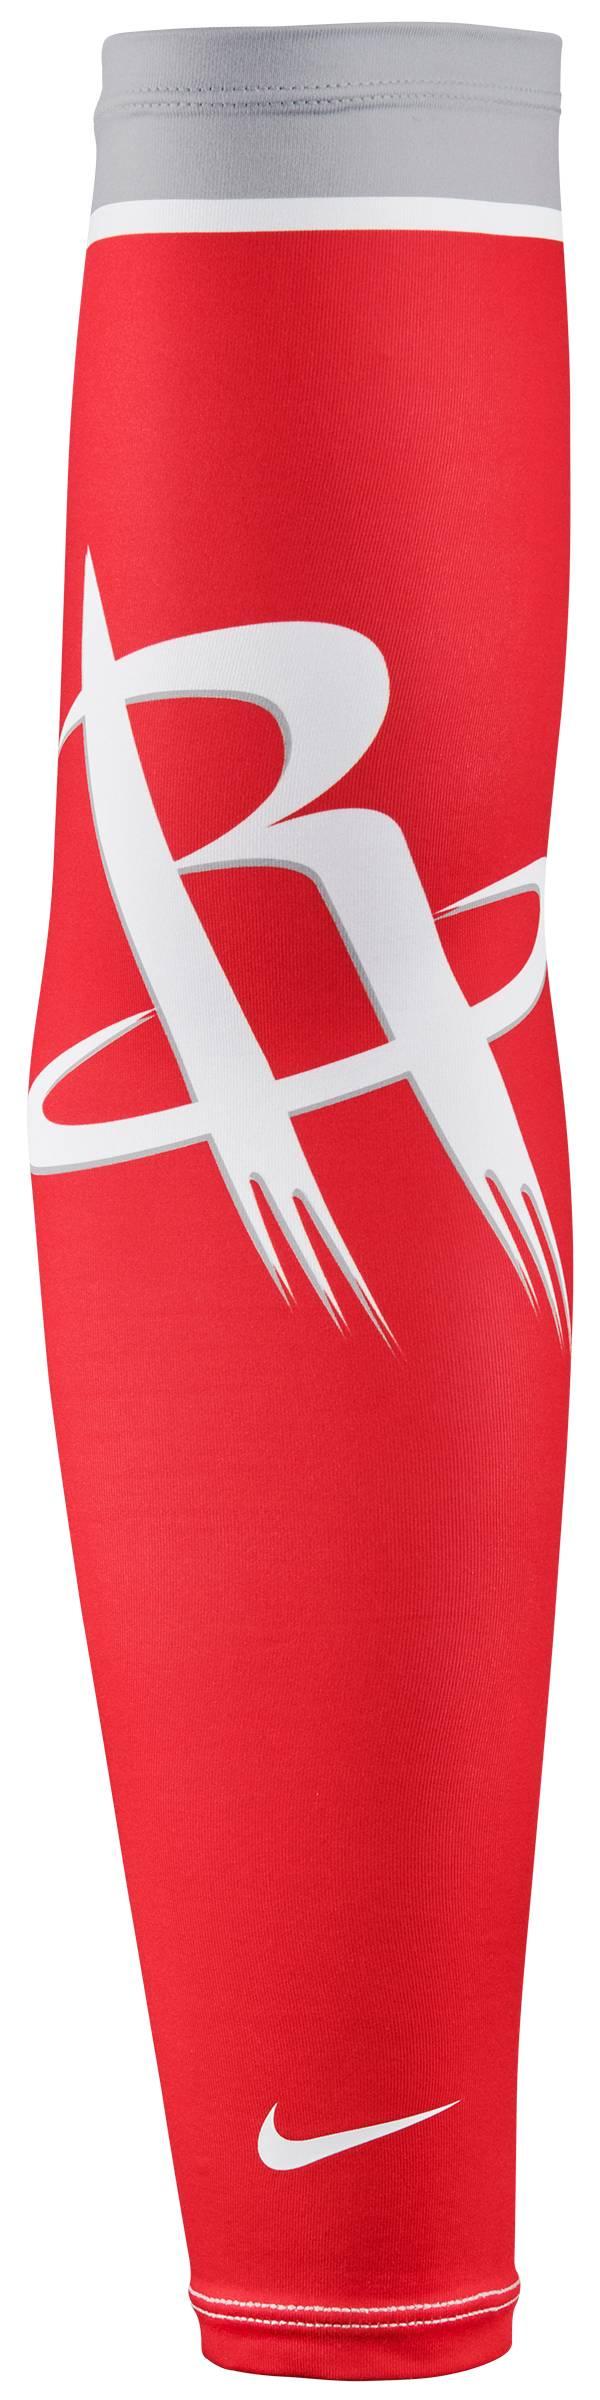 Nike Youth Houston Rockets Shooter Arm Sleeve product image